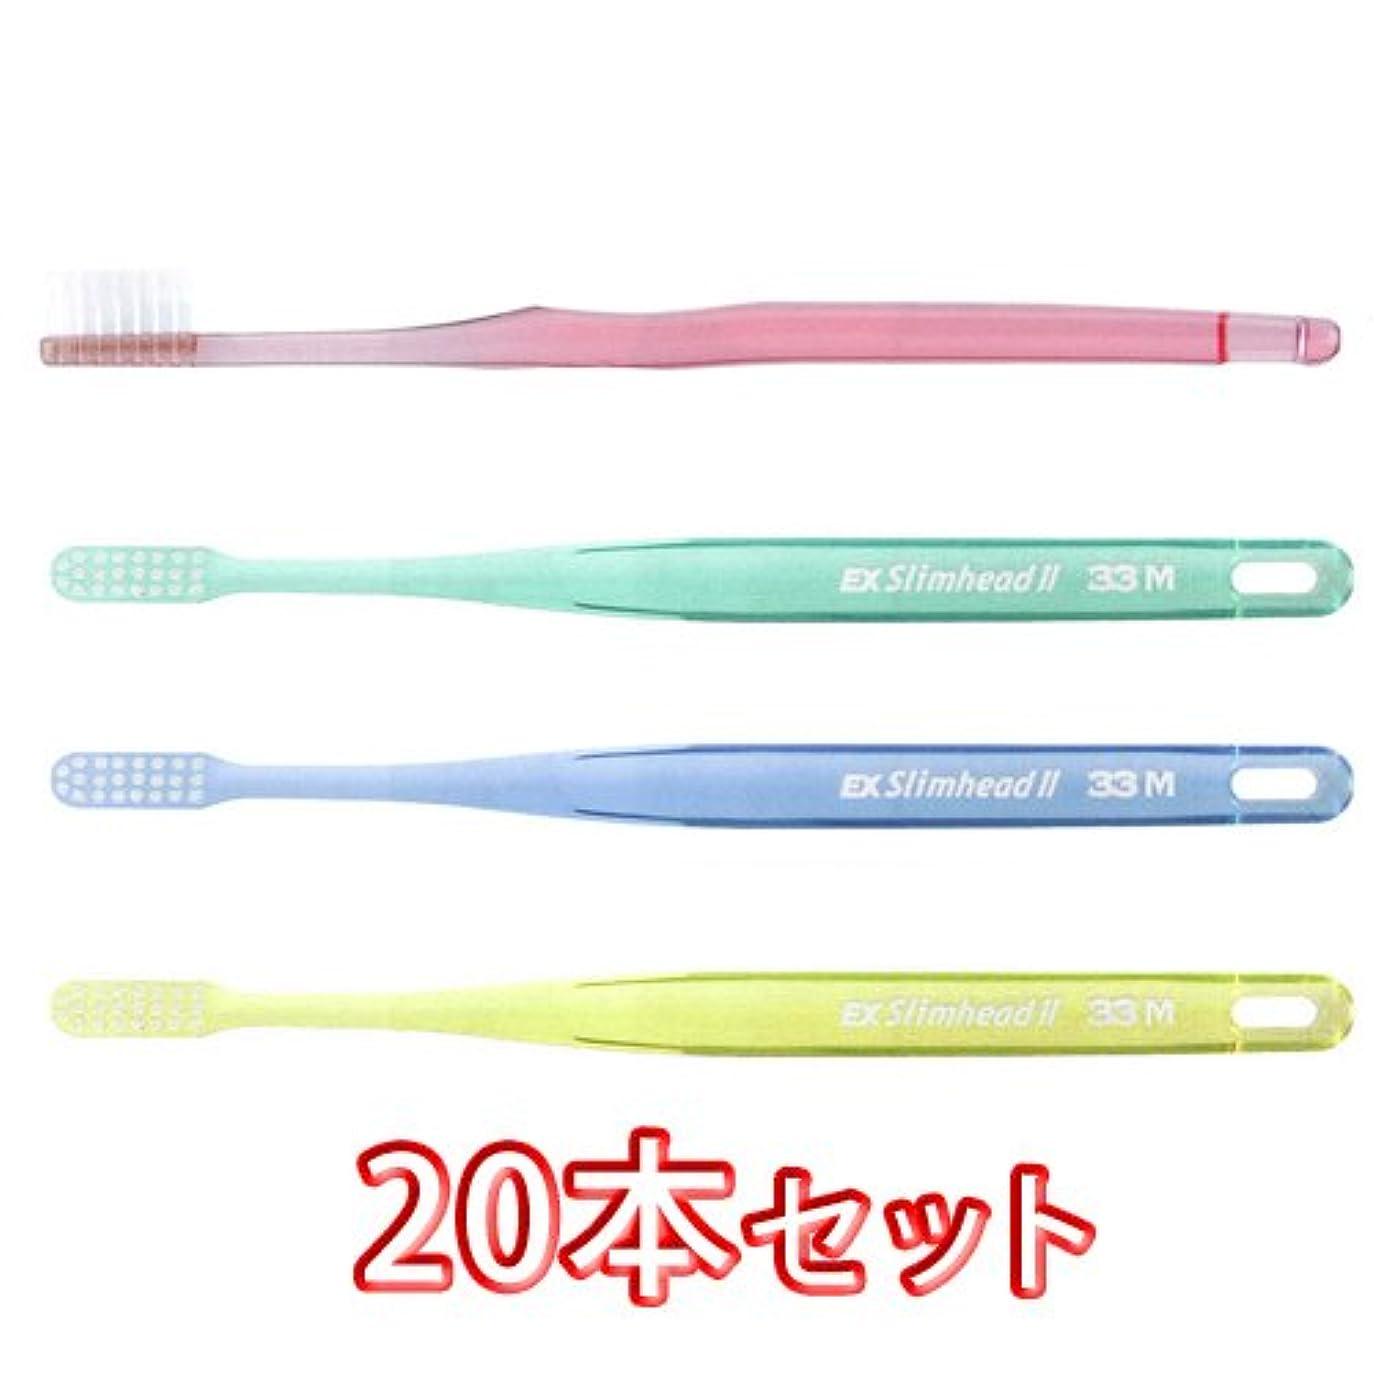 ライオン スリムヘッド2 歯ブラシ DENT . EX Slimhead2 20本入 (33M)